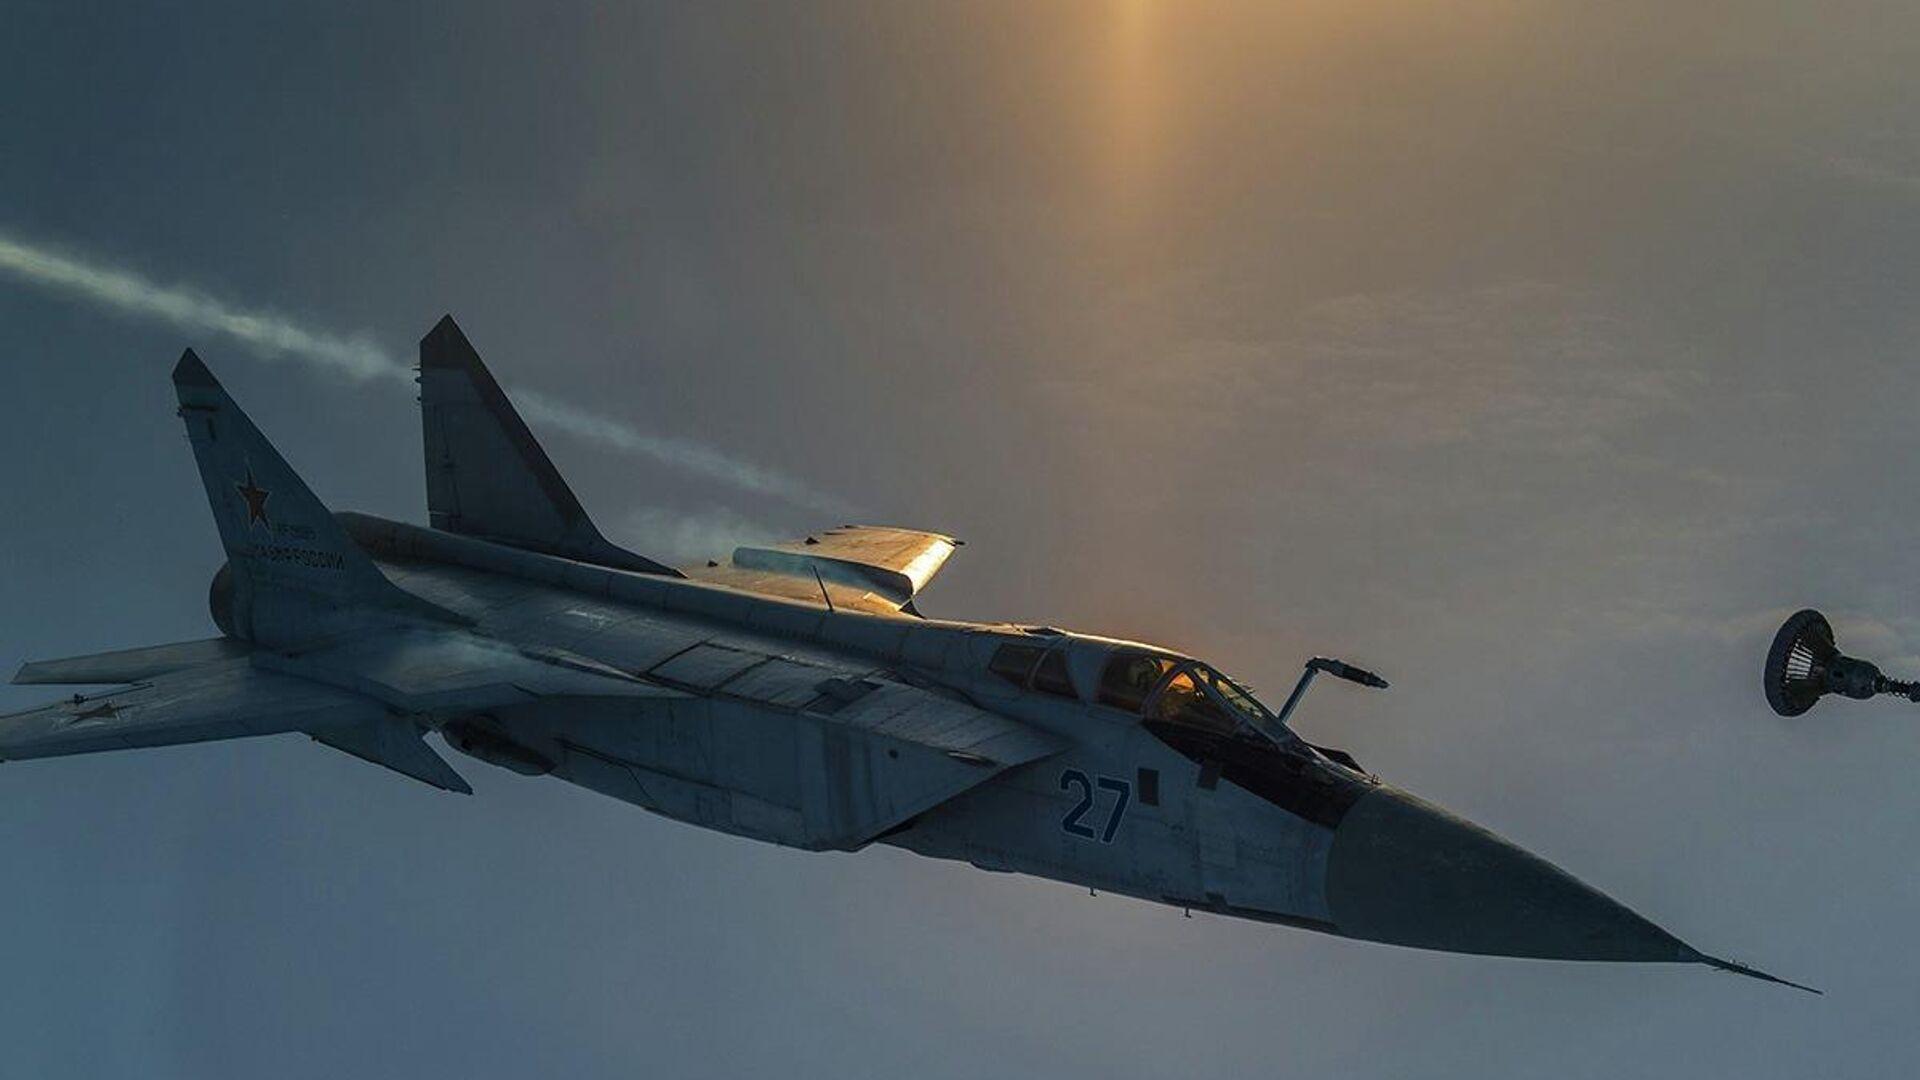 Дозаправка высотного истребителя-перехватчика МиГ-31 Тихоокеанского флота в небе над Камчаткой - РИА Новости, 1920, 21.09.2020